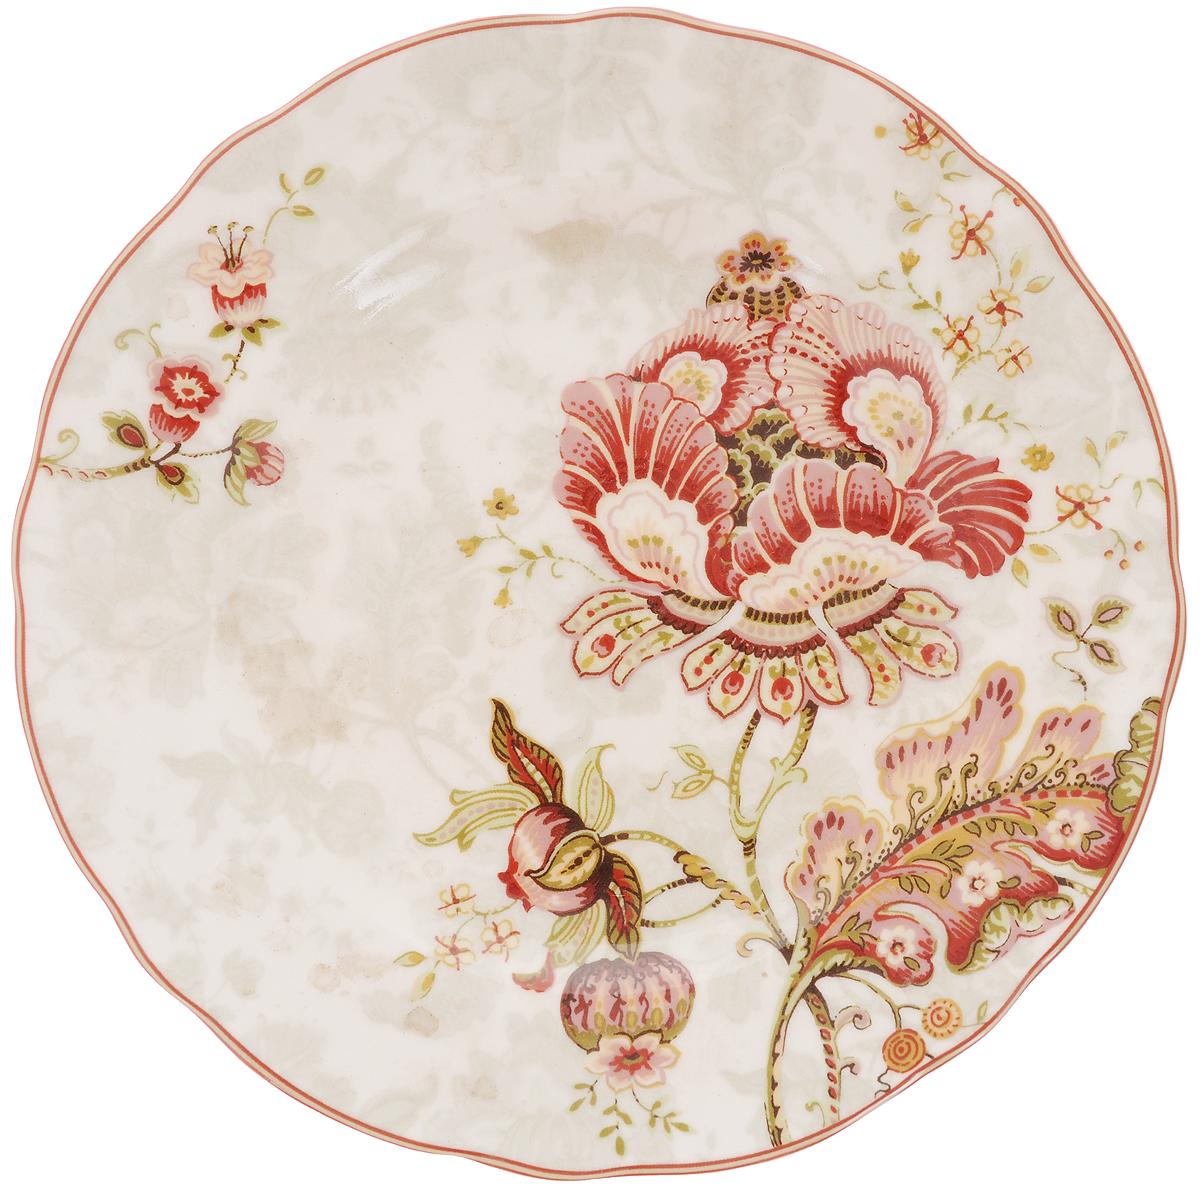 Тарелка десертная Utana Габриэлла, диаметр 22 смUTGB97810Десертная тарелка Utana Габриэлла изготовлена из высококачественной керамики. Многоступенчатый высокотемпературный обжиг, двухстороннее глазурование и использование подглазурных деколей обеспечивает прочность черепка керамической посуды, превращая его практически в камень, при этом защищая поверхность от царапин, а рисунок от истирания. Теплые краски глазури, плавные линии росписи, удобство, долговечность и безопасность, европейское качество и многовековая самобытность национального и культурного наследия индонезийских мастеров - вот то, что является отличительными признаками керамической посуды Utana. Любая коллекция этого производителя создает праздничное настроение и уют в каждом доме. Посуда из керамики, имеющая знак 222 FIFHT, - особая линия посуды, очень популярная в Европе и США, каждый дизайн которой уникален и спустя годы будет так же великолепно свеж и привлекателен. Посуду можно использовать в СВЧ и мыть в посудомоечных машинах.